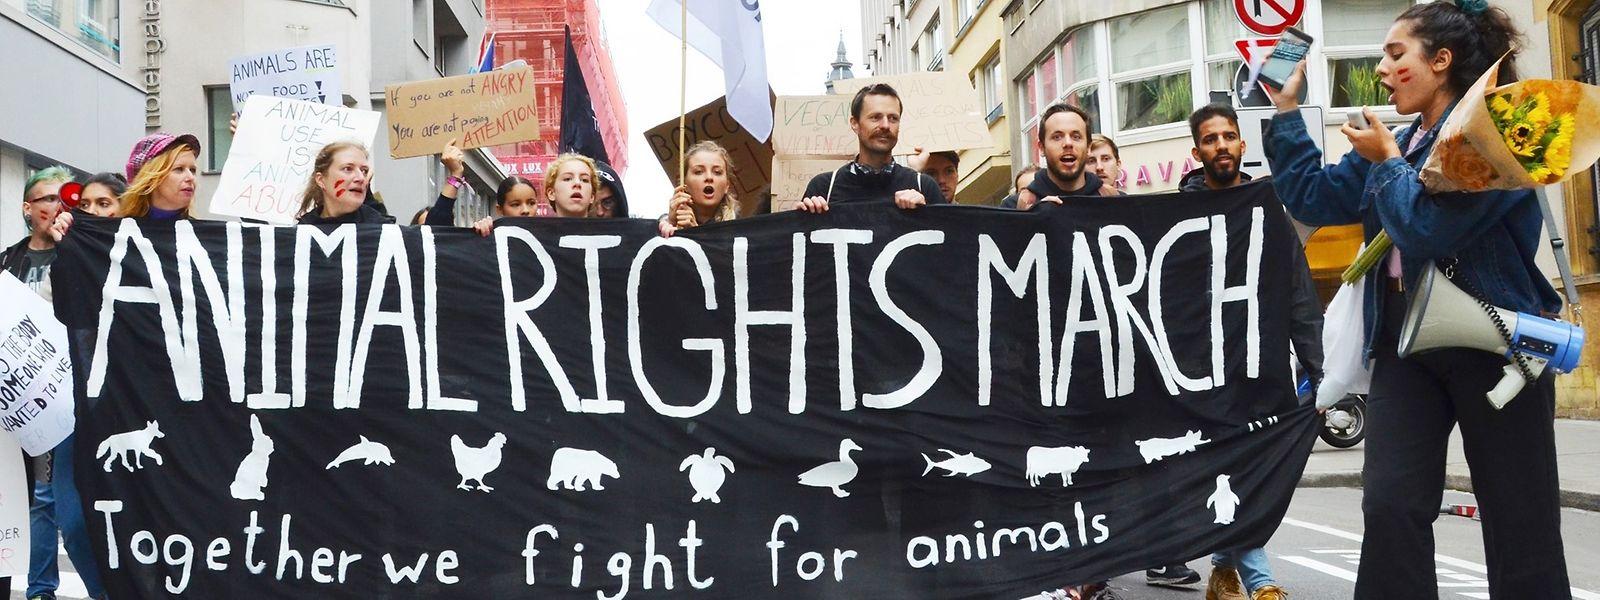 Plus de 60.000 animaux ont été abattus entre avril et juin 2018 au Grand-Duché. L'année suivante, le Ministère de l'Agriculture, en dénombre plus de 61.000.